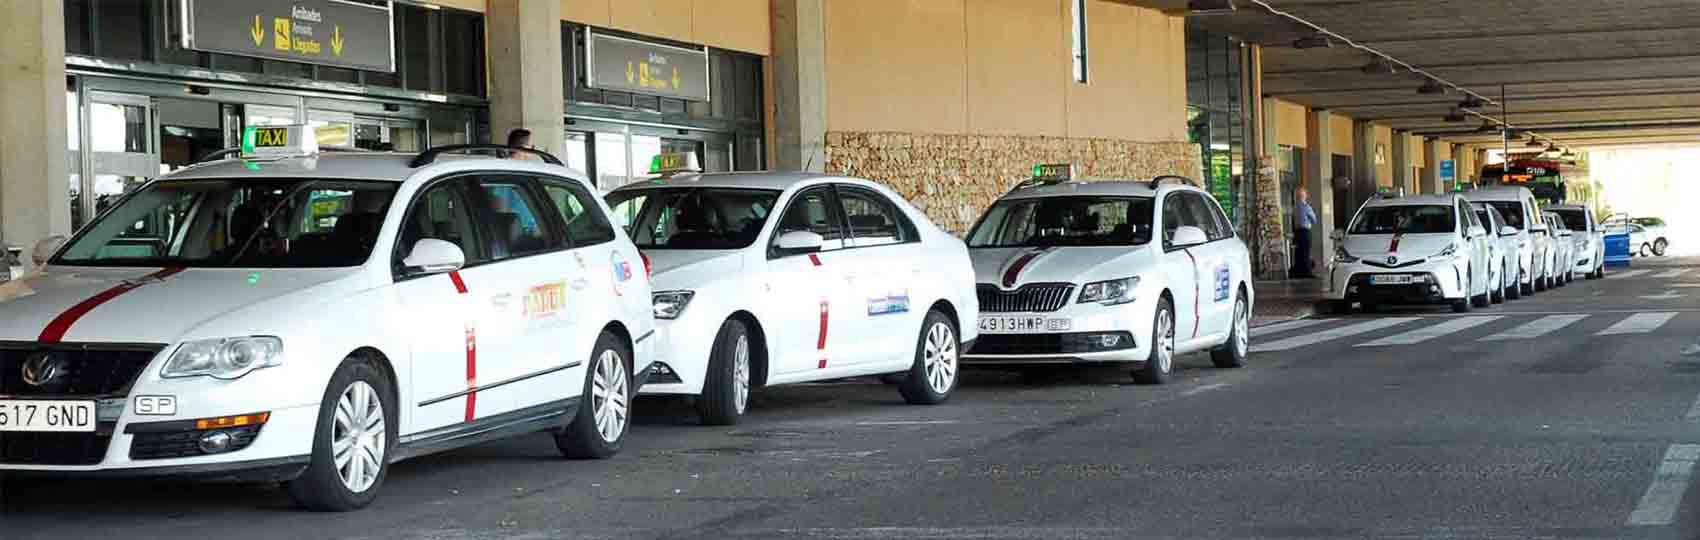 Noticias del sector del taxi y la movilidad en Menorca